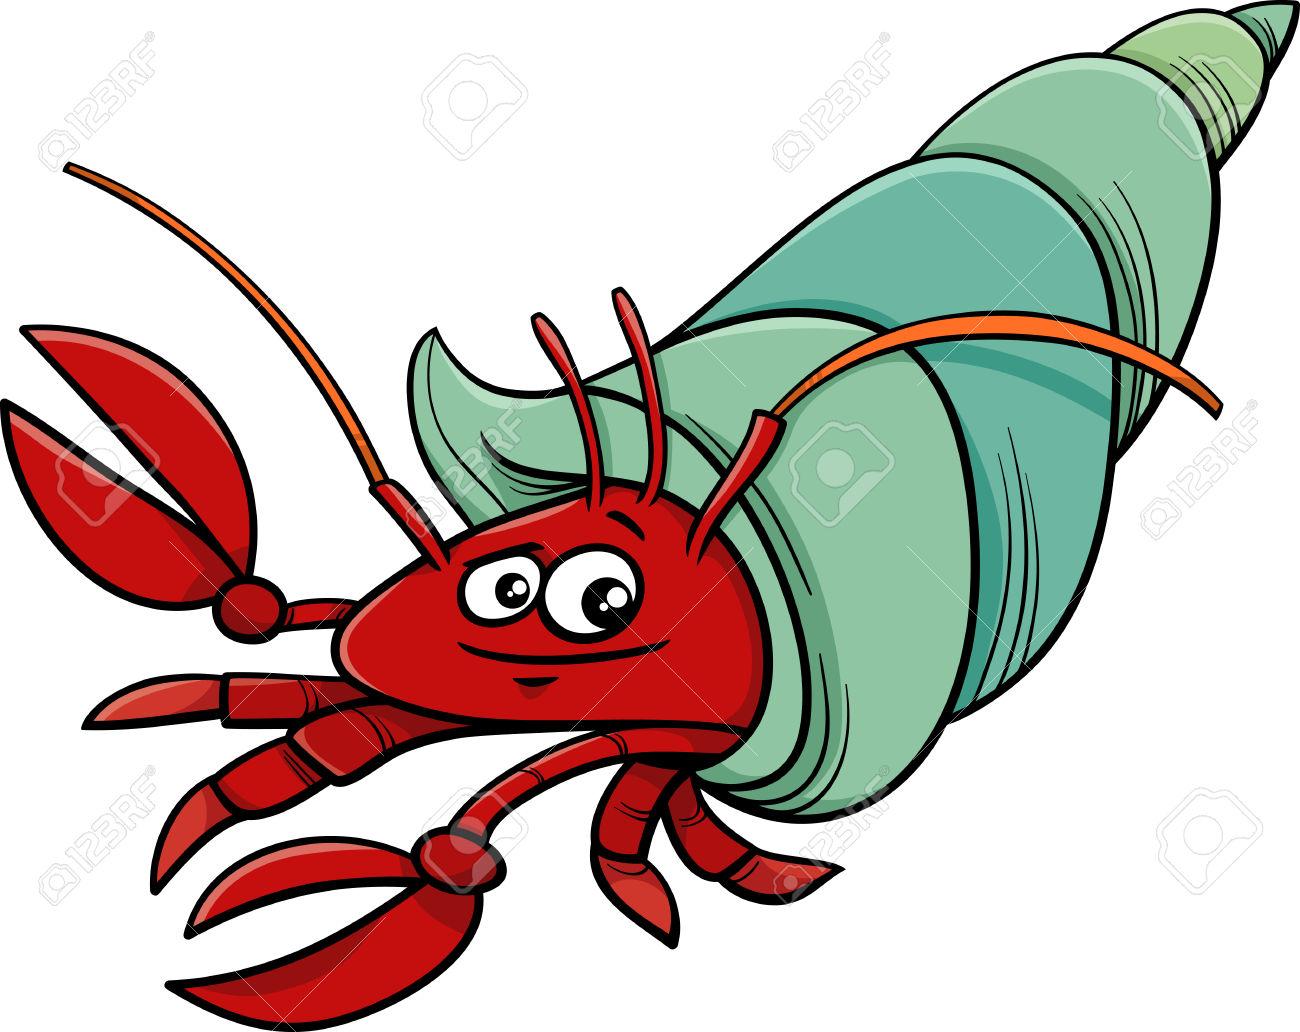 1300x1032 Animal Crab Clipart, Explore Pictures